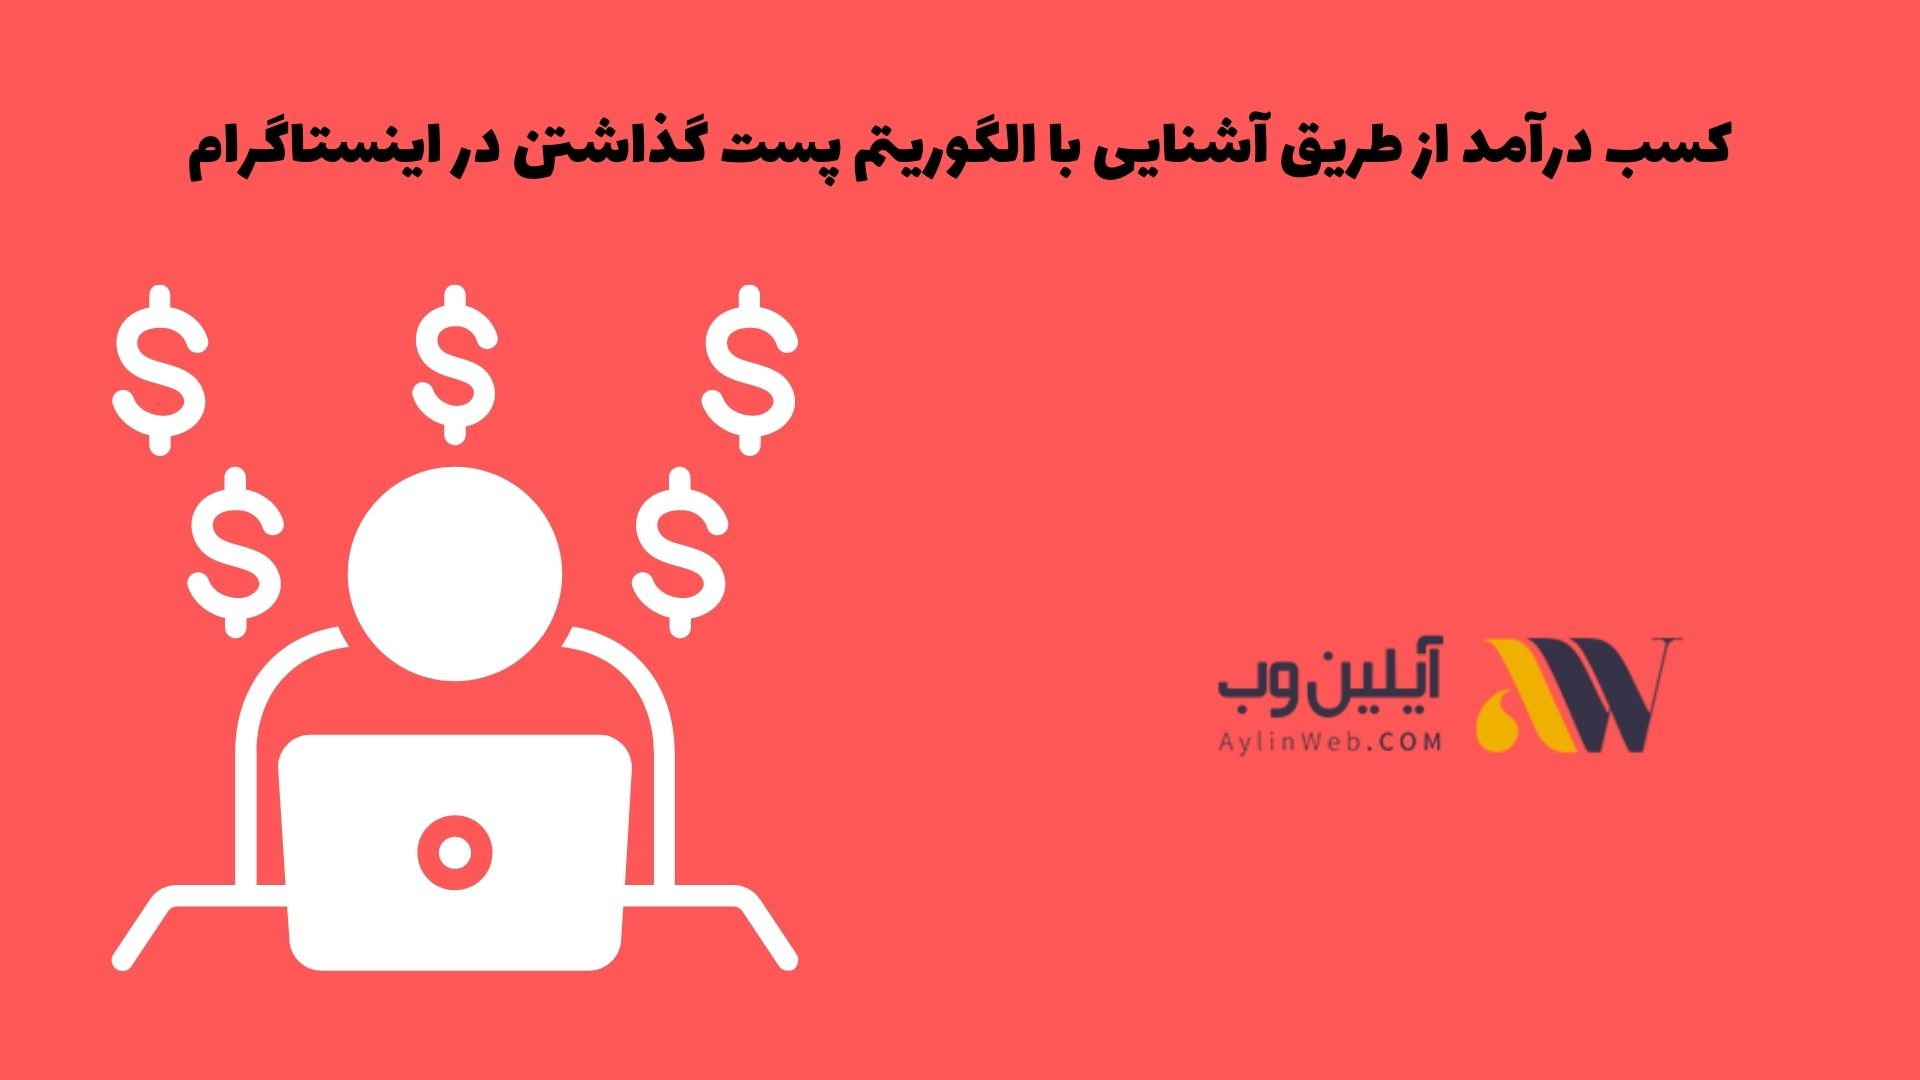 کسب درآمد از طریق آشنایی با الگوریتم پست گذاشتن در اینستاگرام